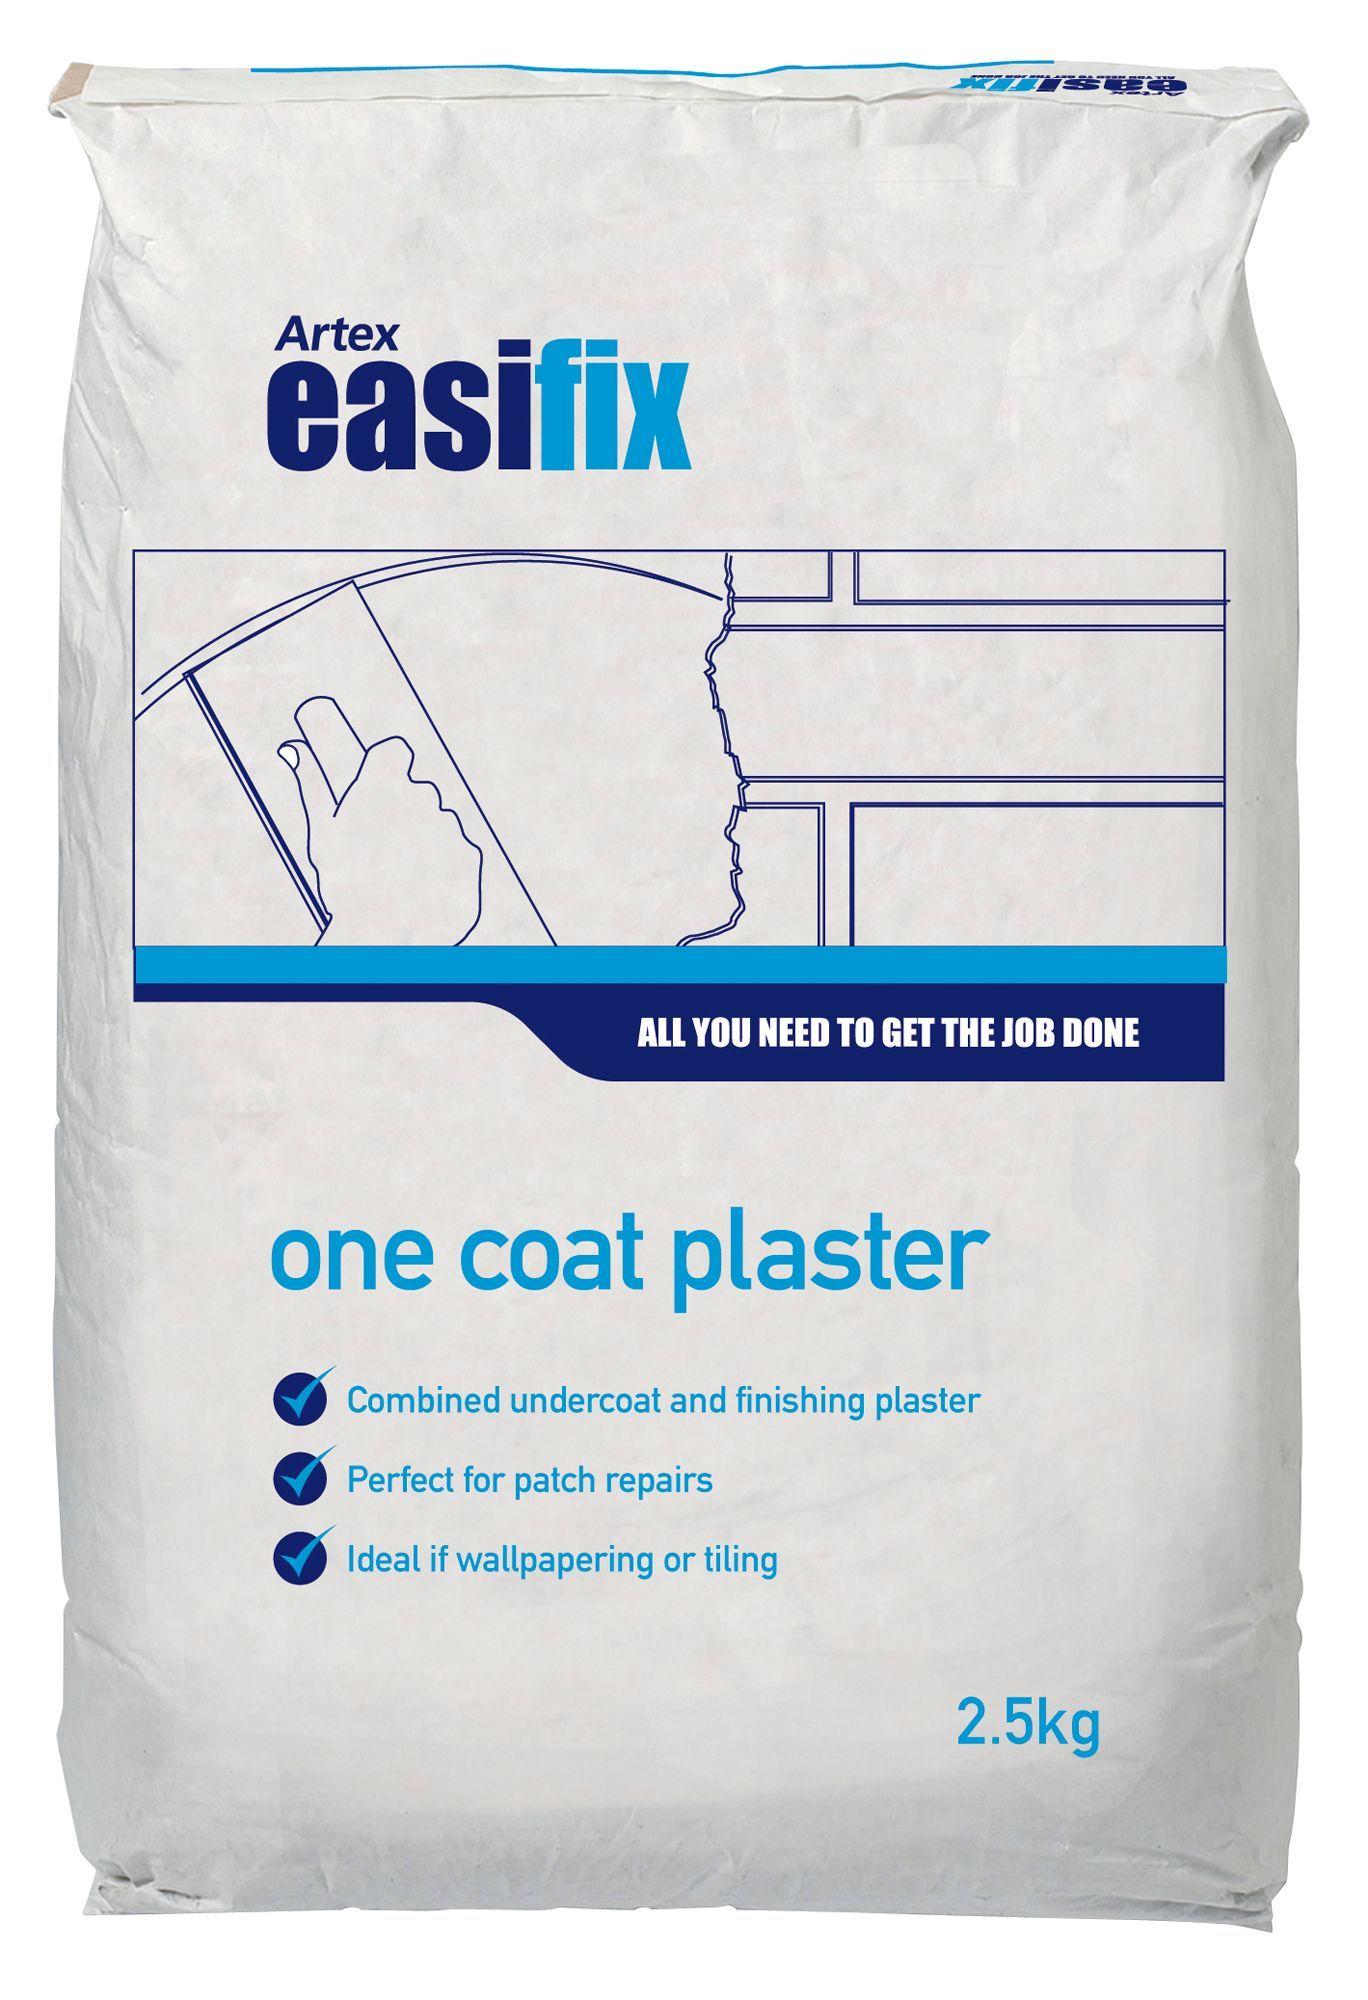 Artex Easifix One Coat Plaster 2.5kg   Departments   DIY at B&Q